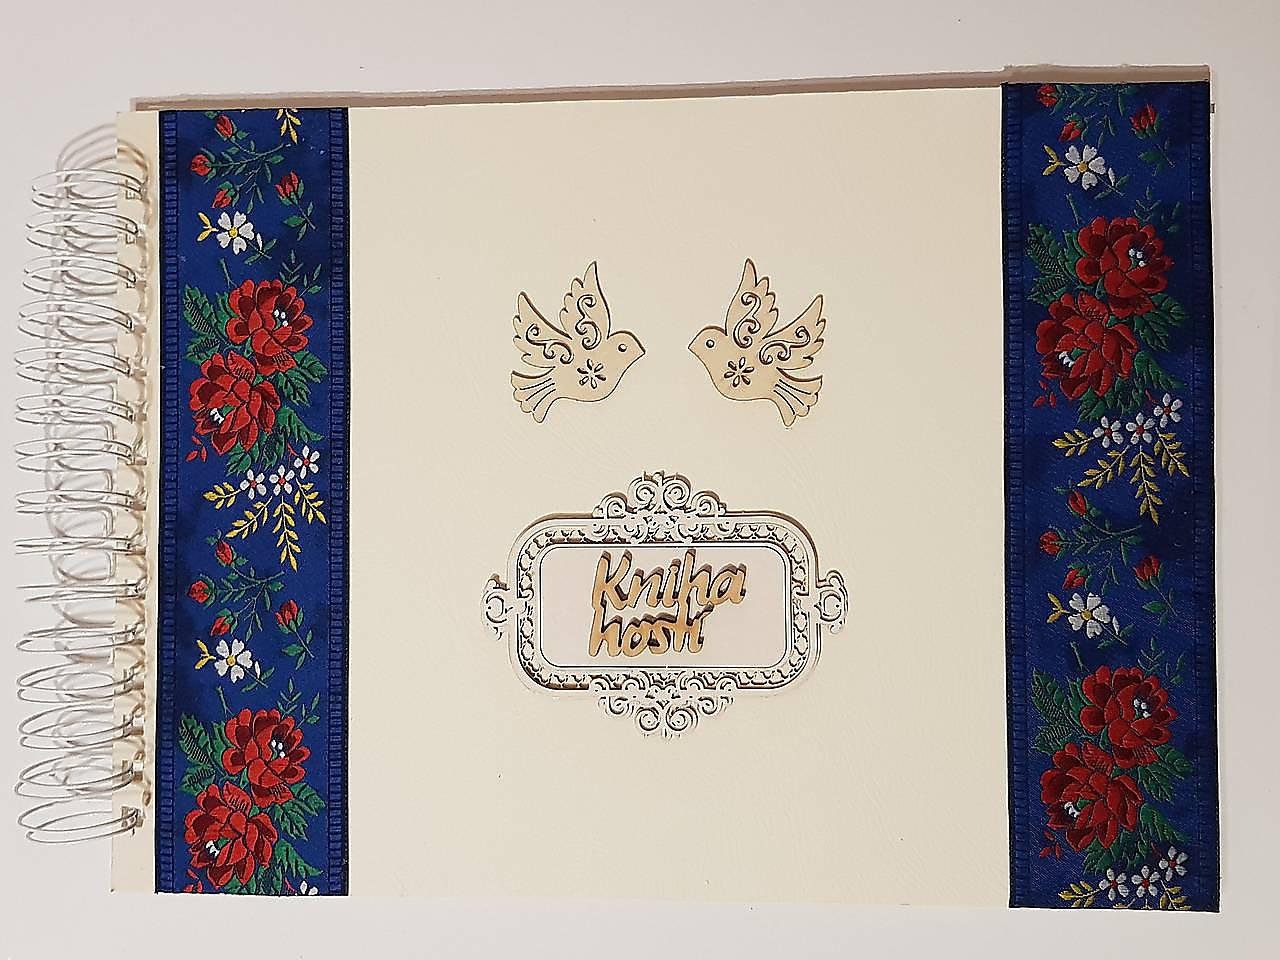 Papiernictvo - folklórna kniha hostí s modrou stuhou A4 - 9739808_